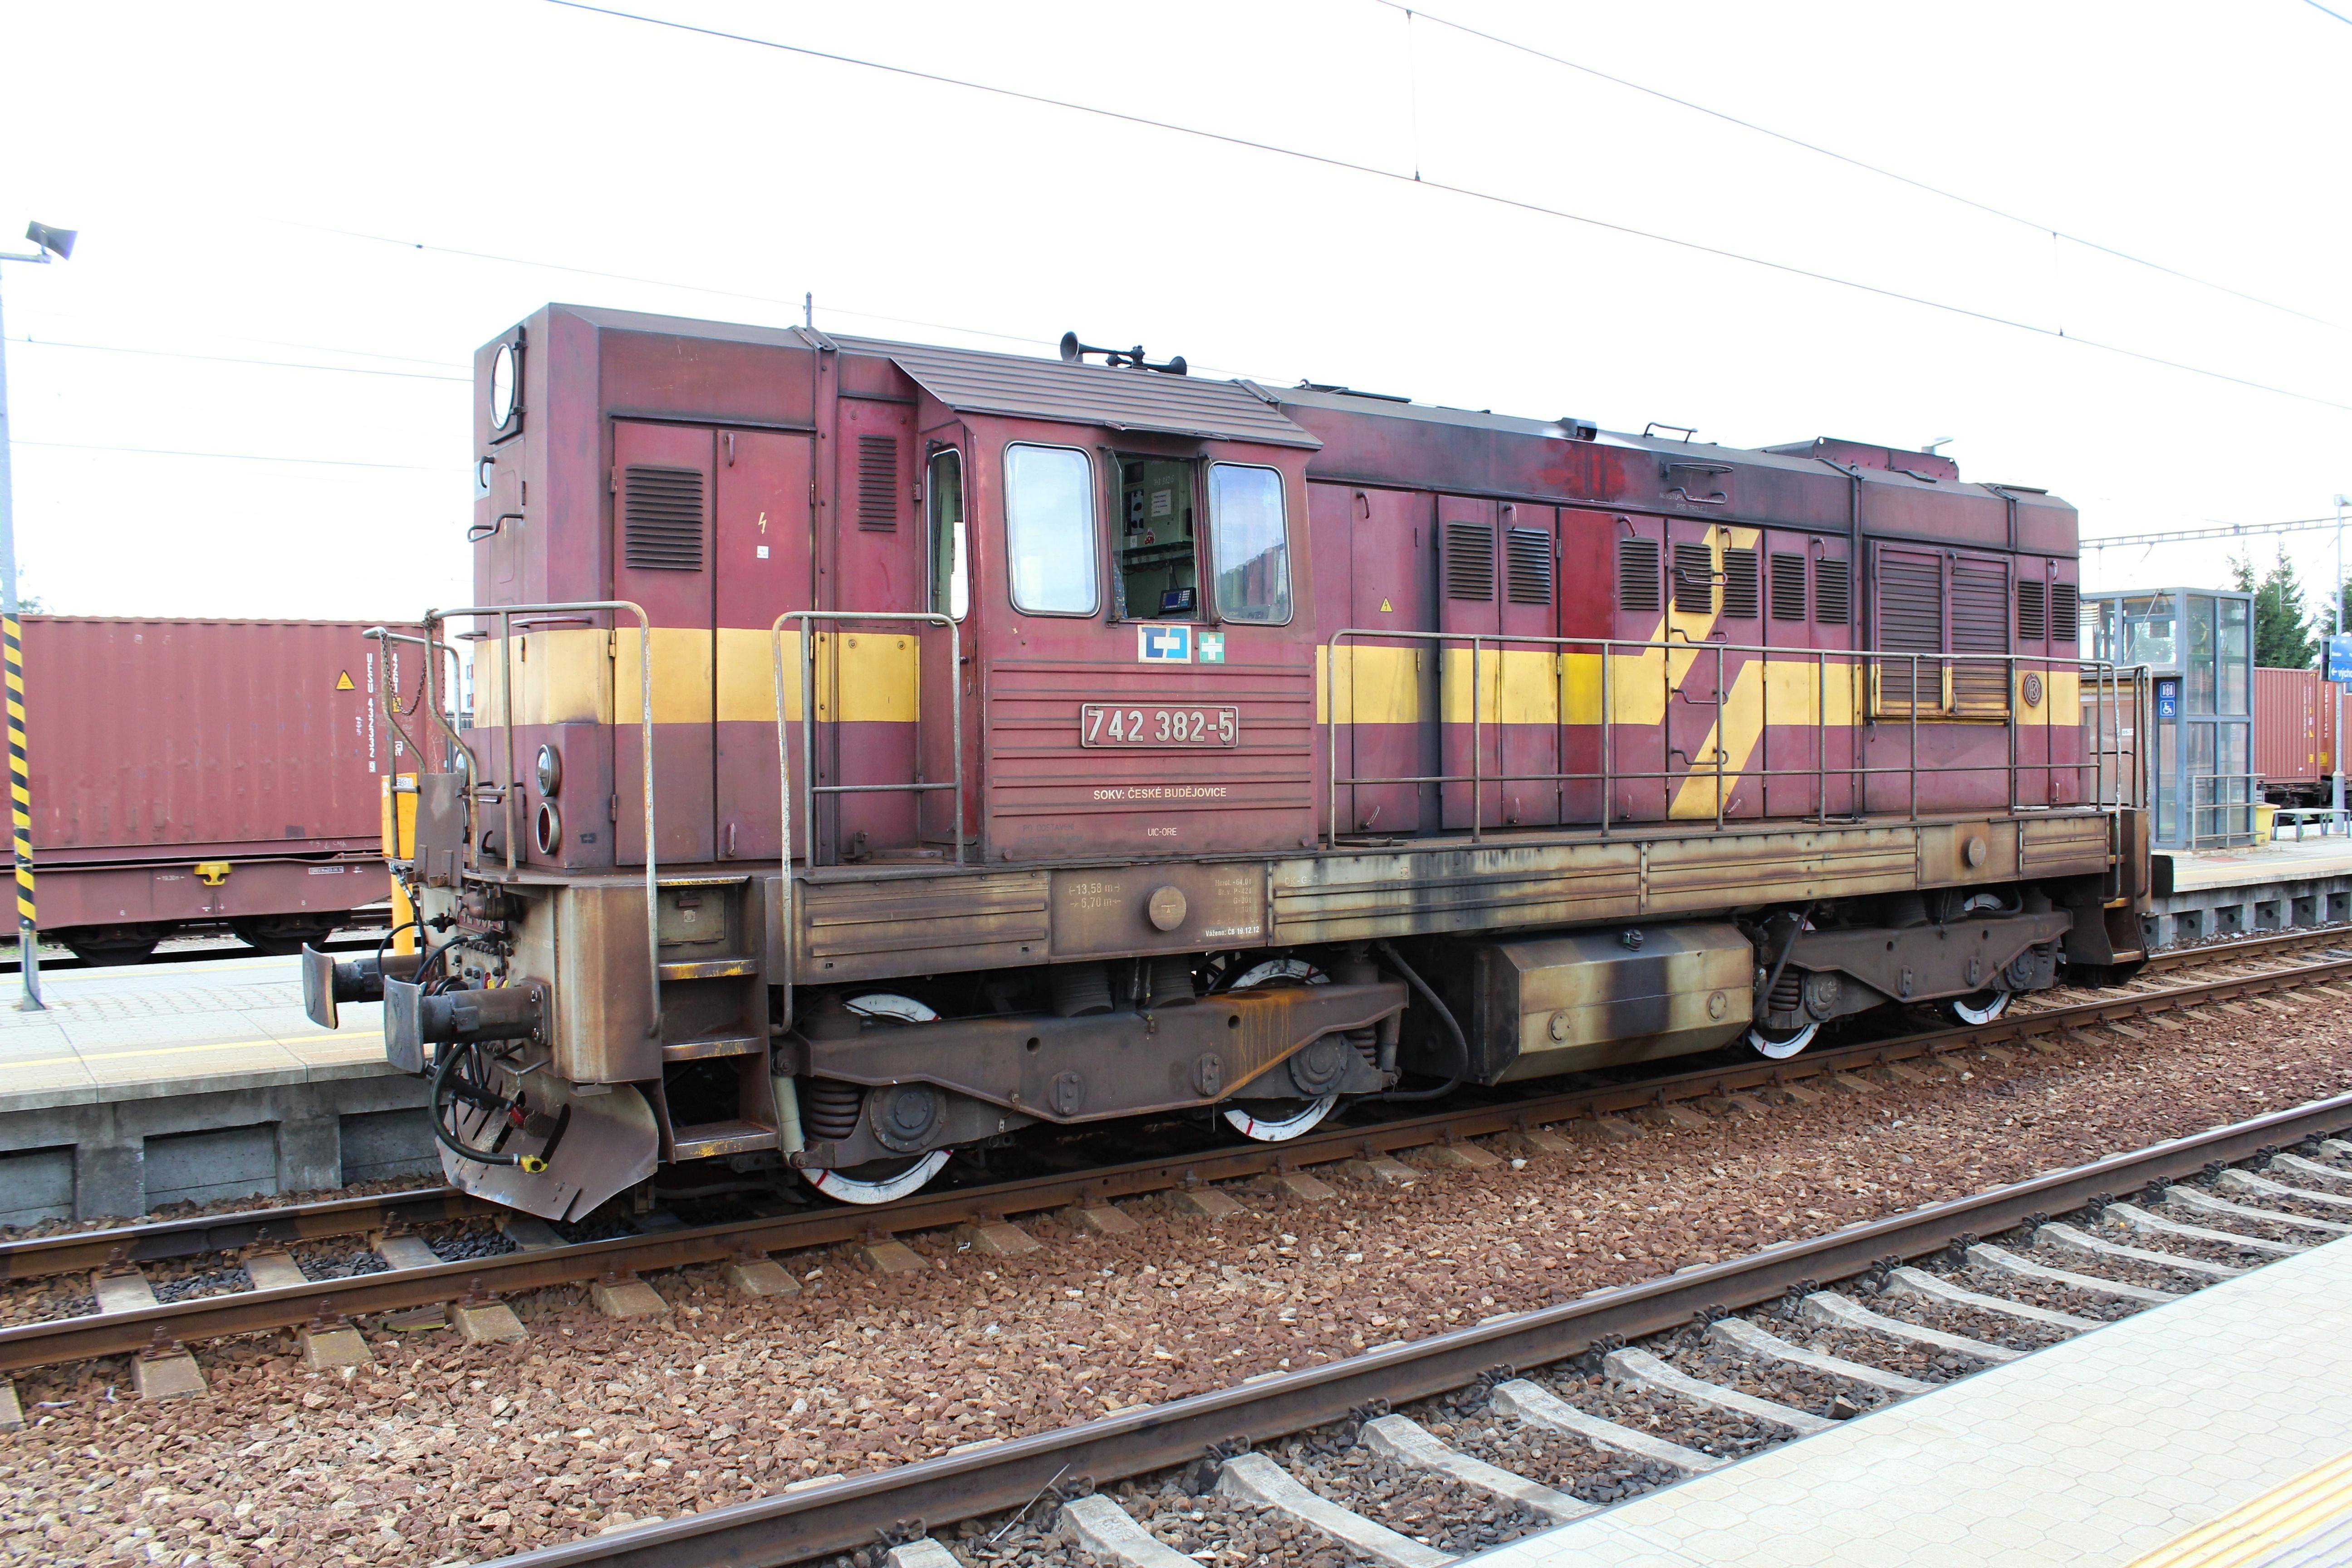 Lokomotiva 742 382 - 5 na nádraží Uhříněves zprava zezadu přes kolejiště